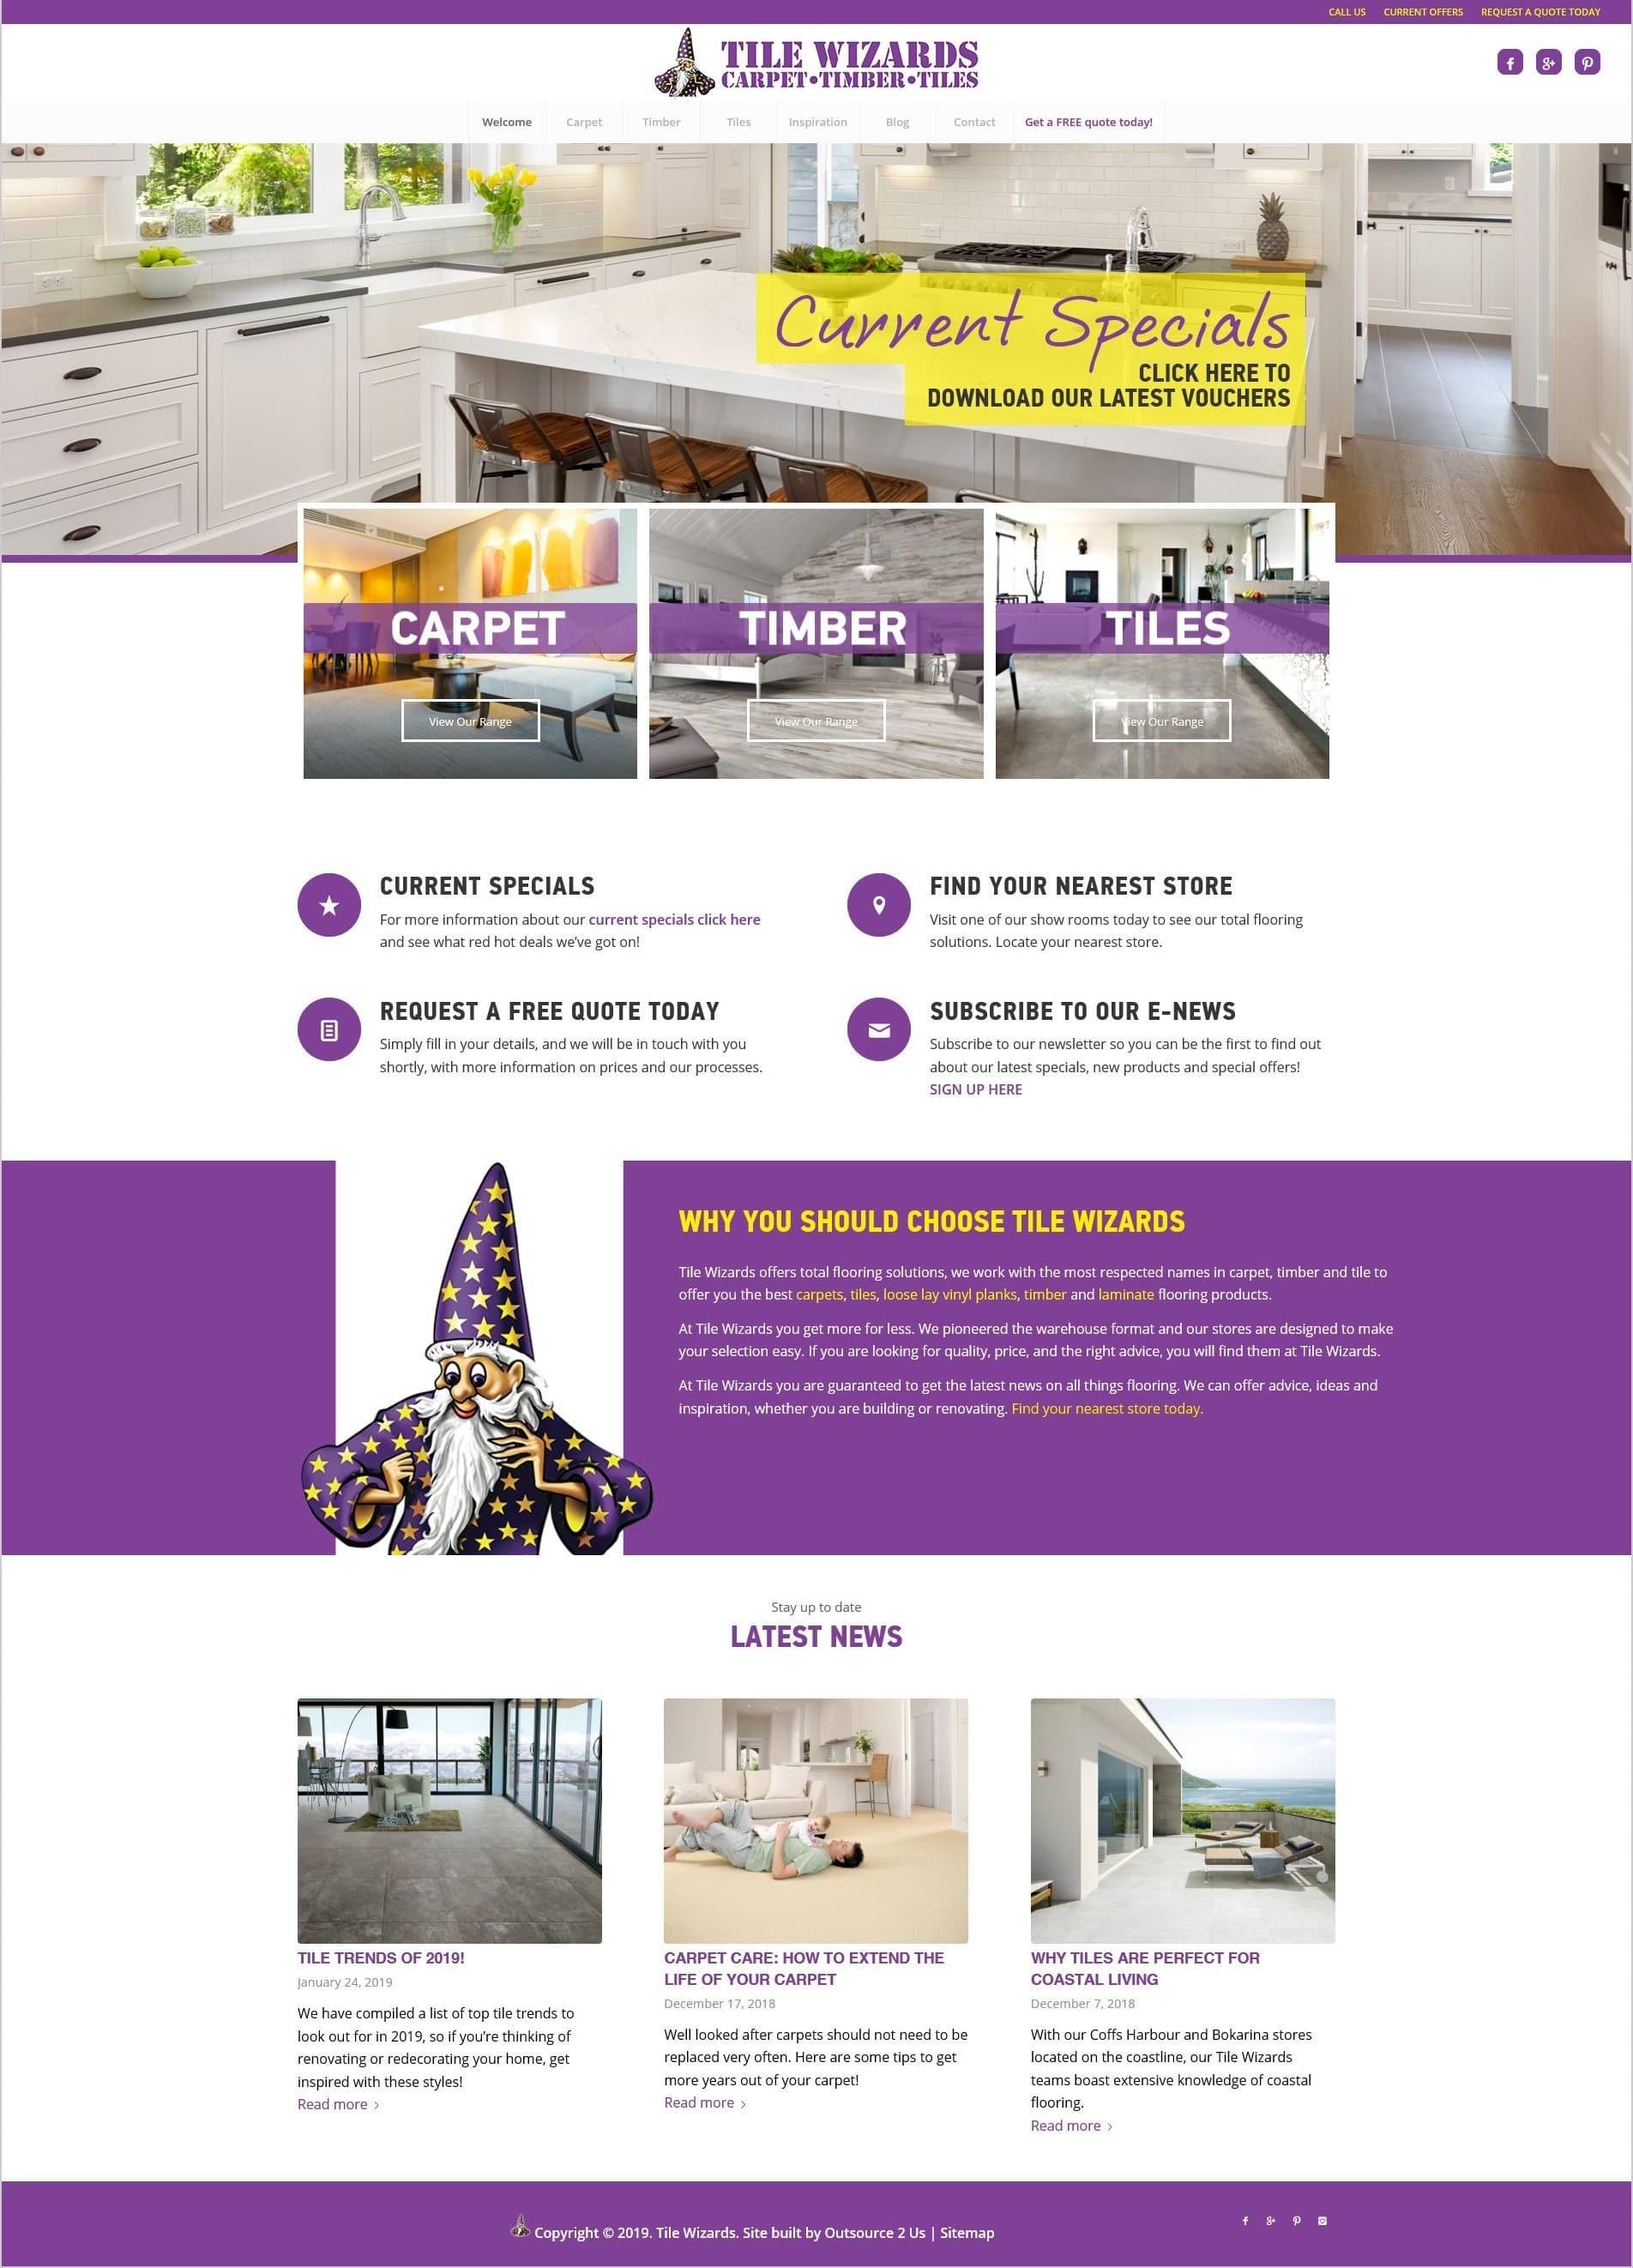 Tile Wizards Website - O2Us